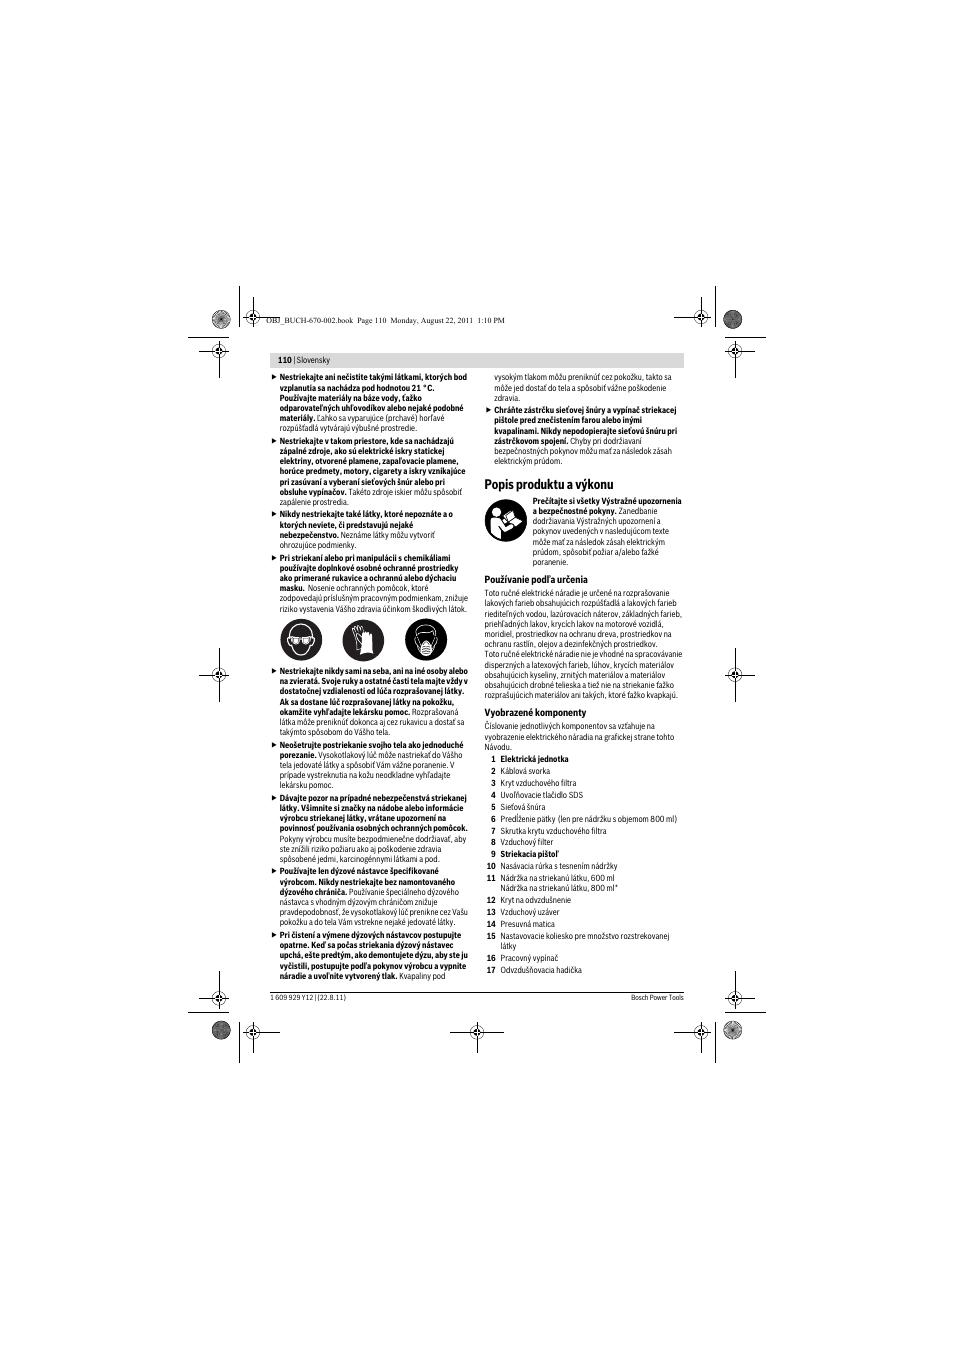 Bosch pfs 55 manuals.